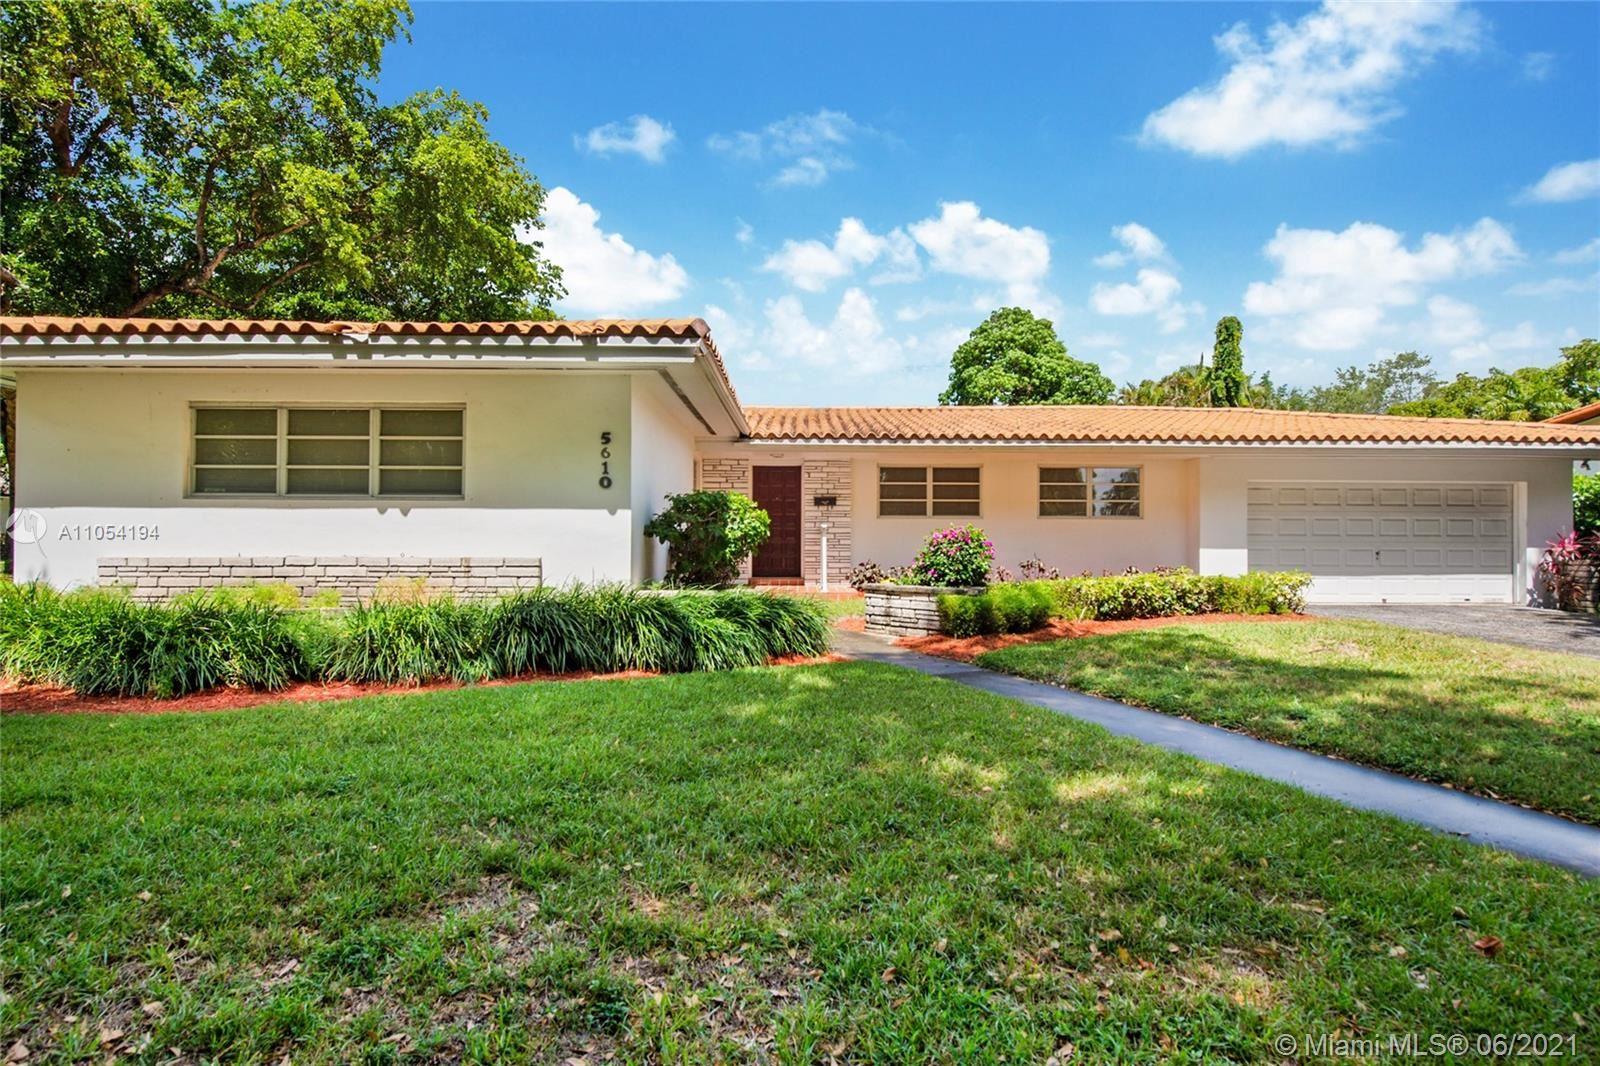 5610 Alhambra Cir, Coral Gables, FL 33146 - #: A11054194